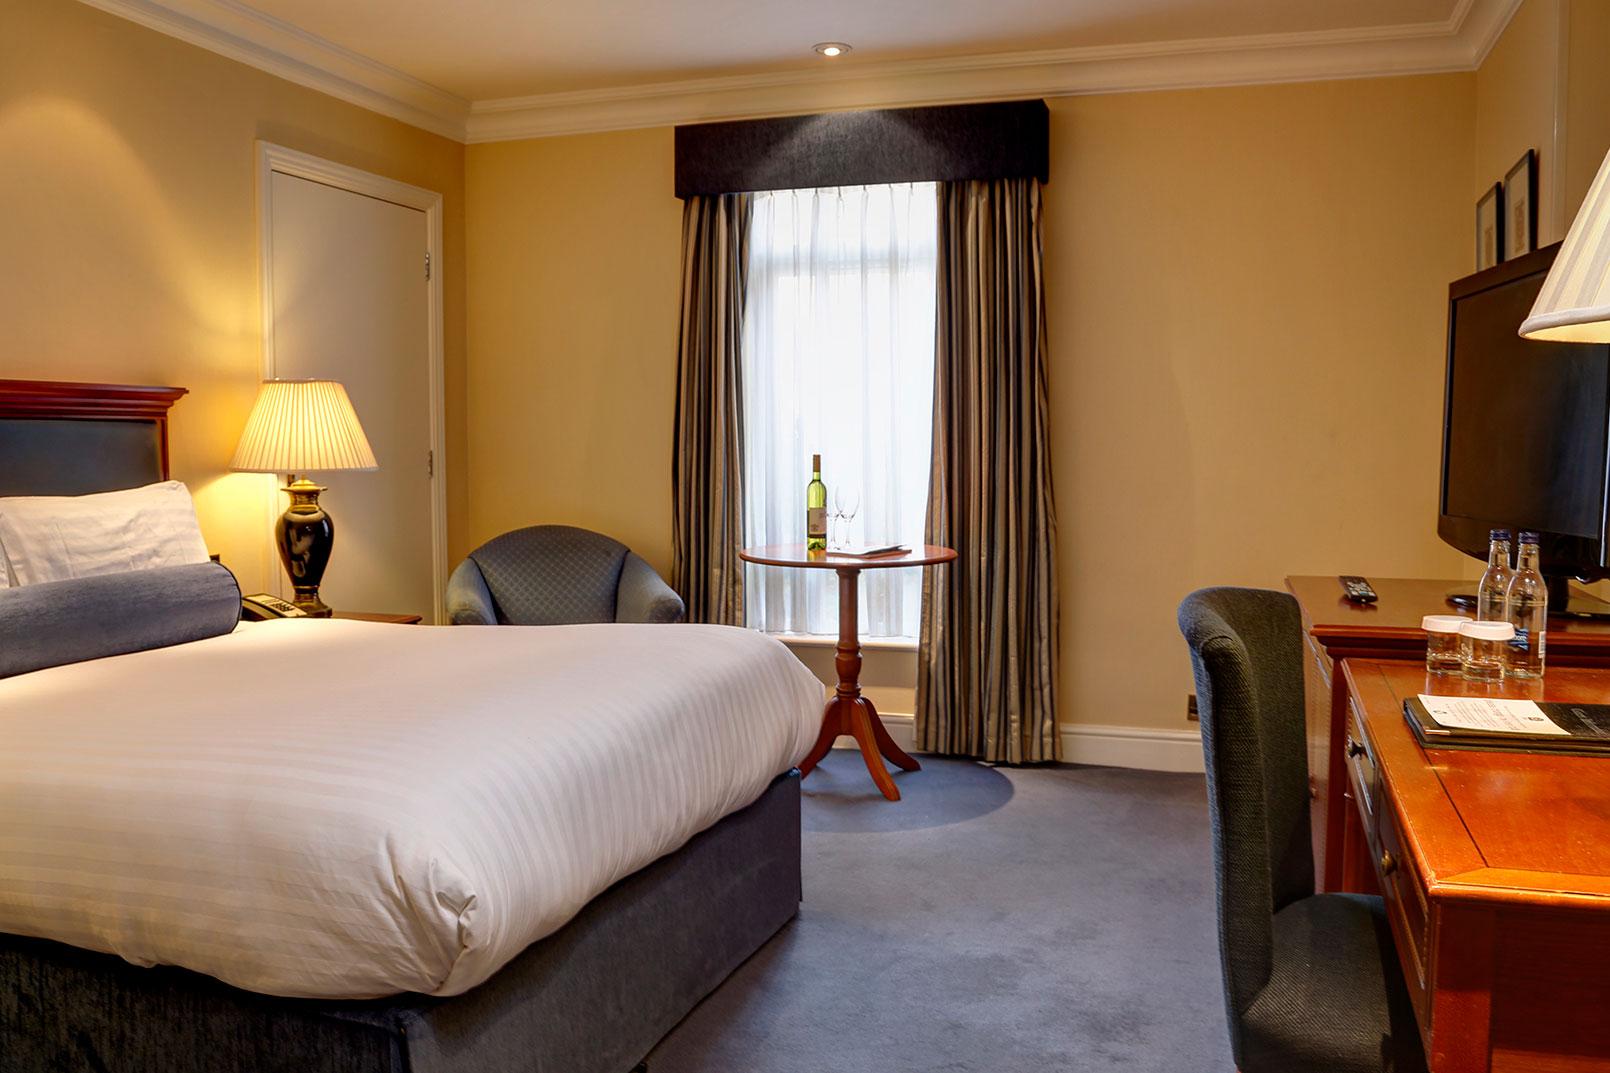 Best western plus birmingham nec meriden manor hotel - 2 bedroom suites in birmingham al ...